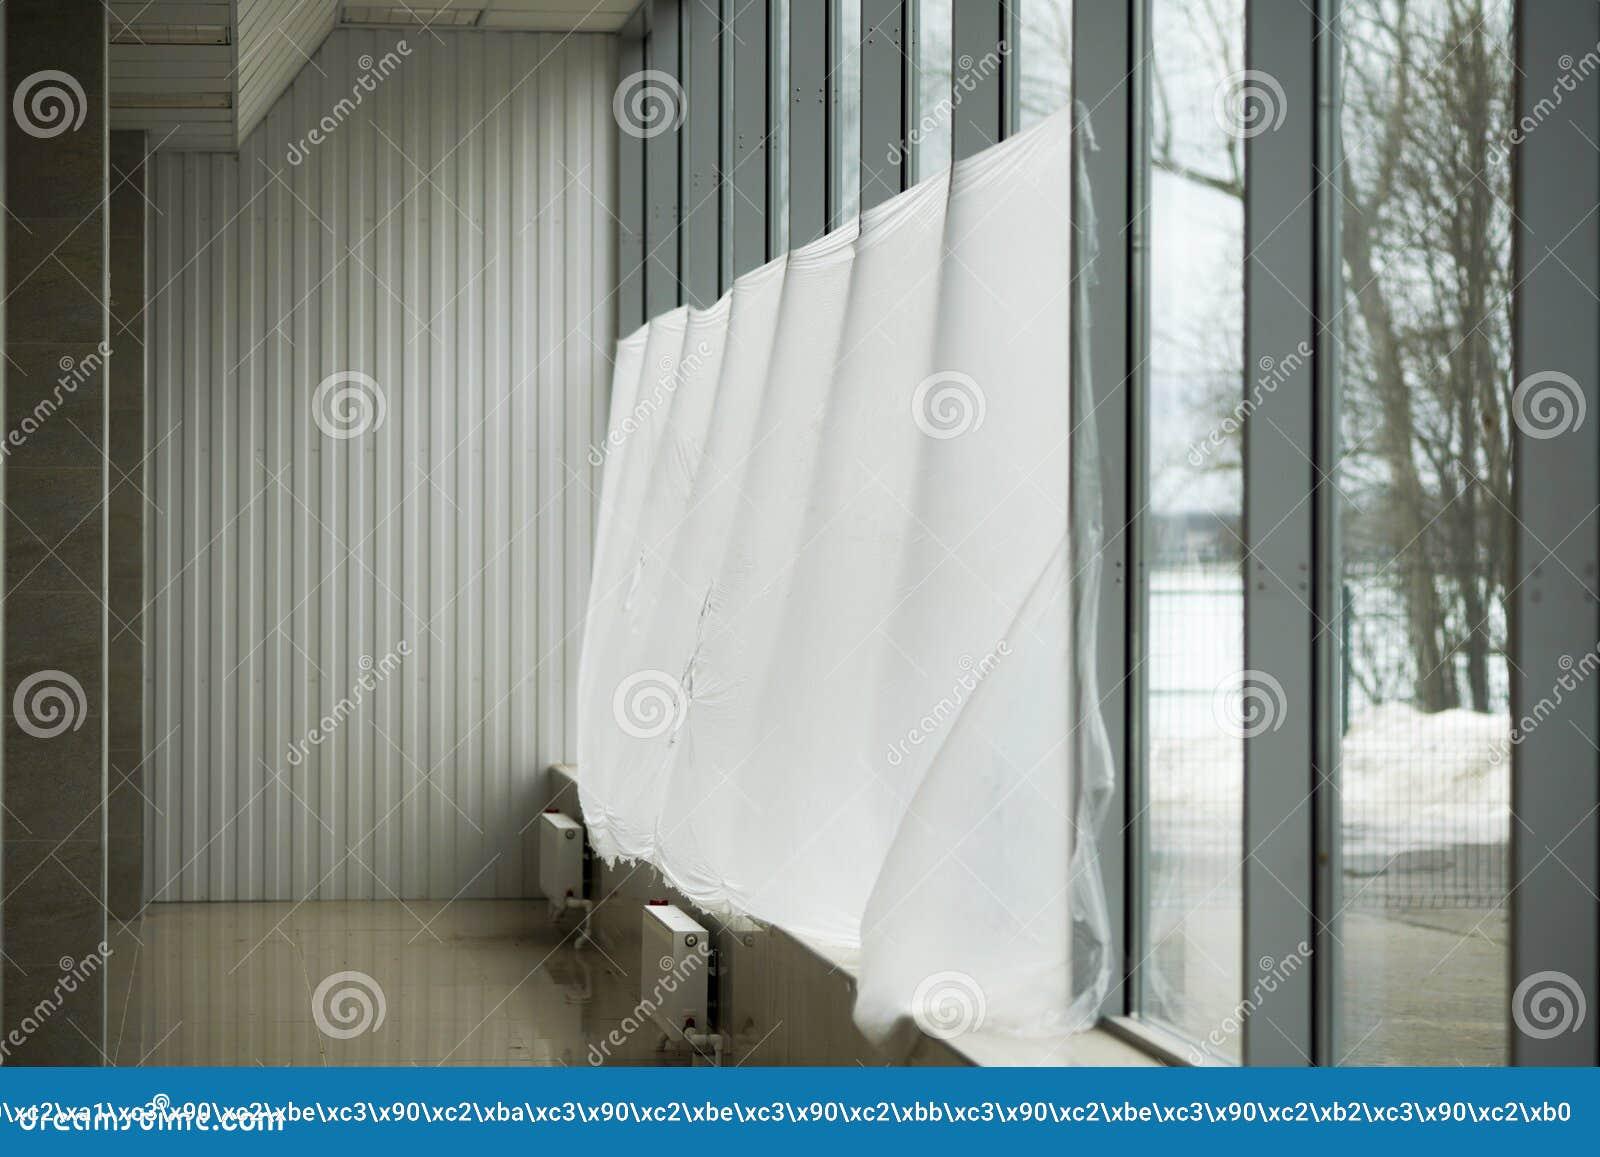 Fensterdekoration Von Balkonen Stockfoto Bild Von Trennvorhang